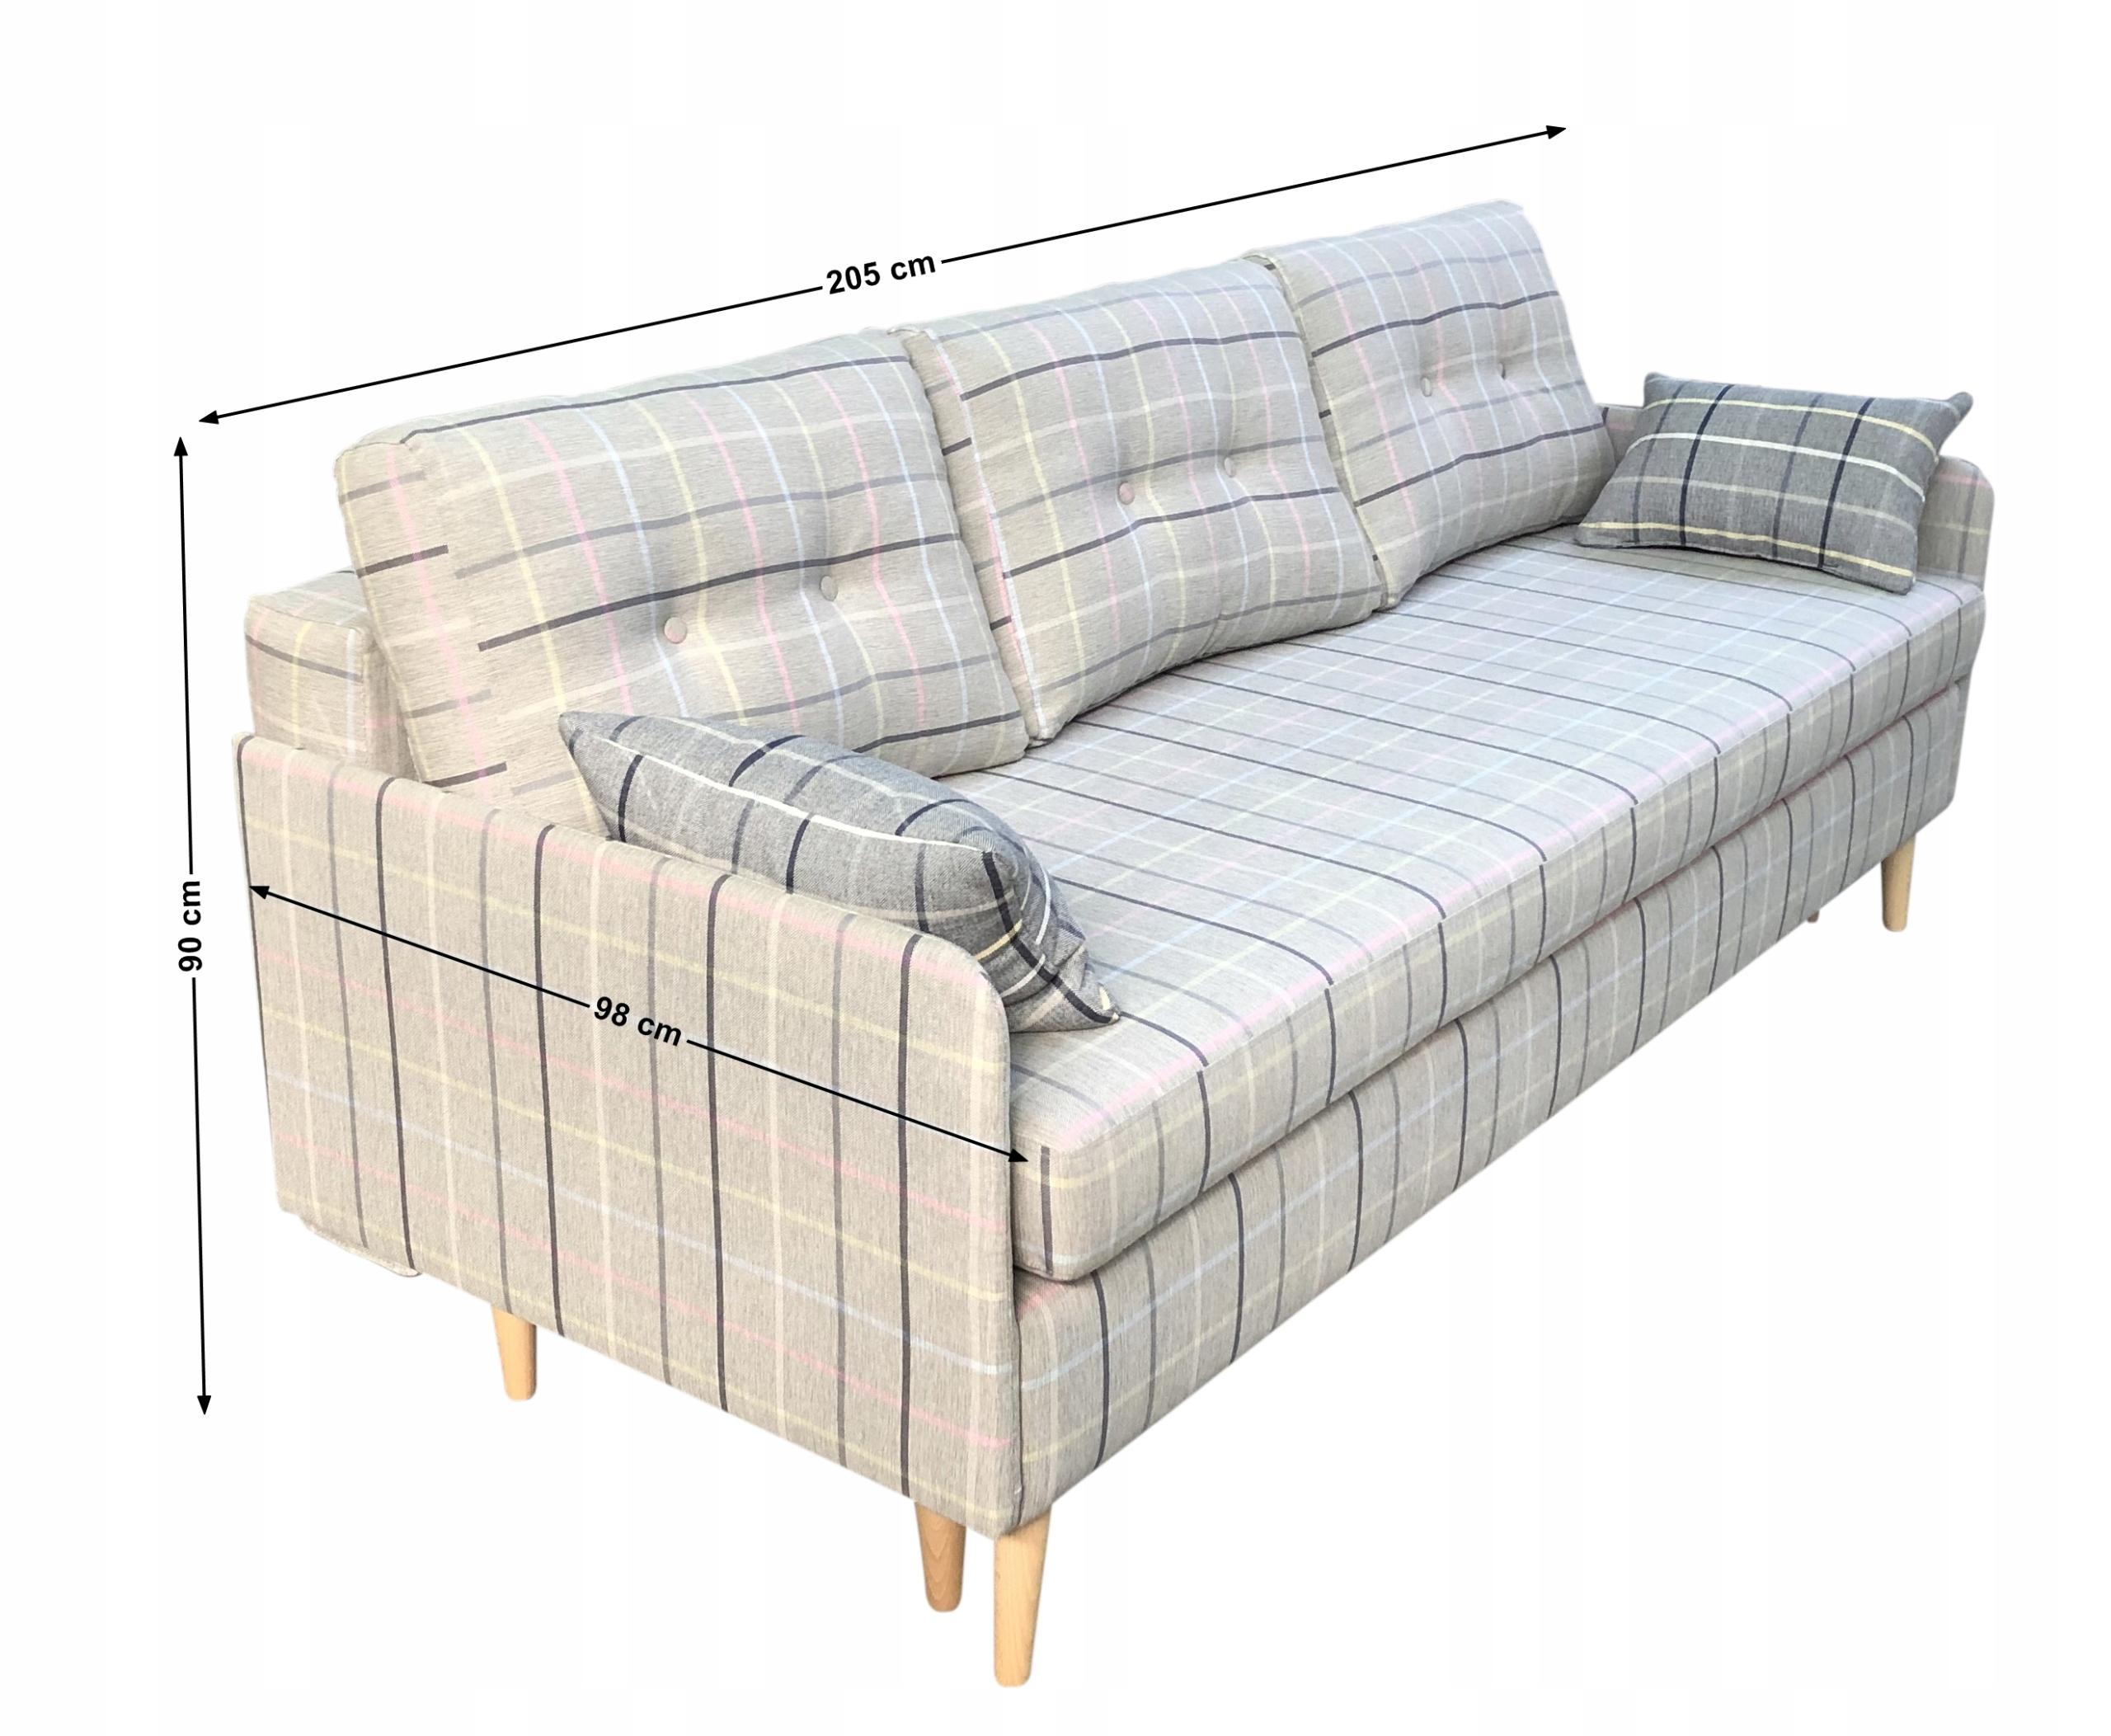 KANAPA CHERRY MINI TROMSO FUNKCJA SPANIA NOWOŚĆ Powierzchnia spania - długość (cm) 191-200 cm